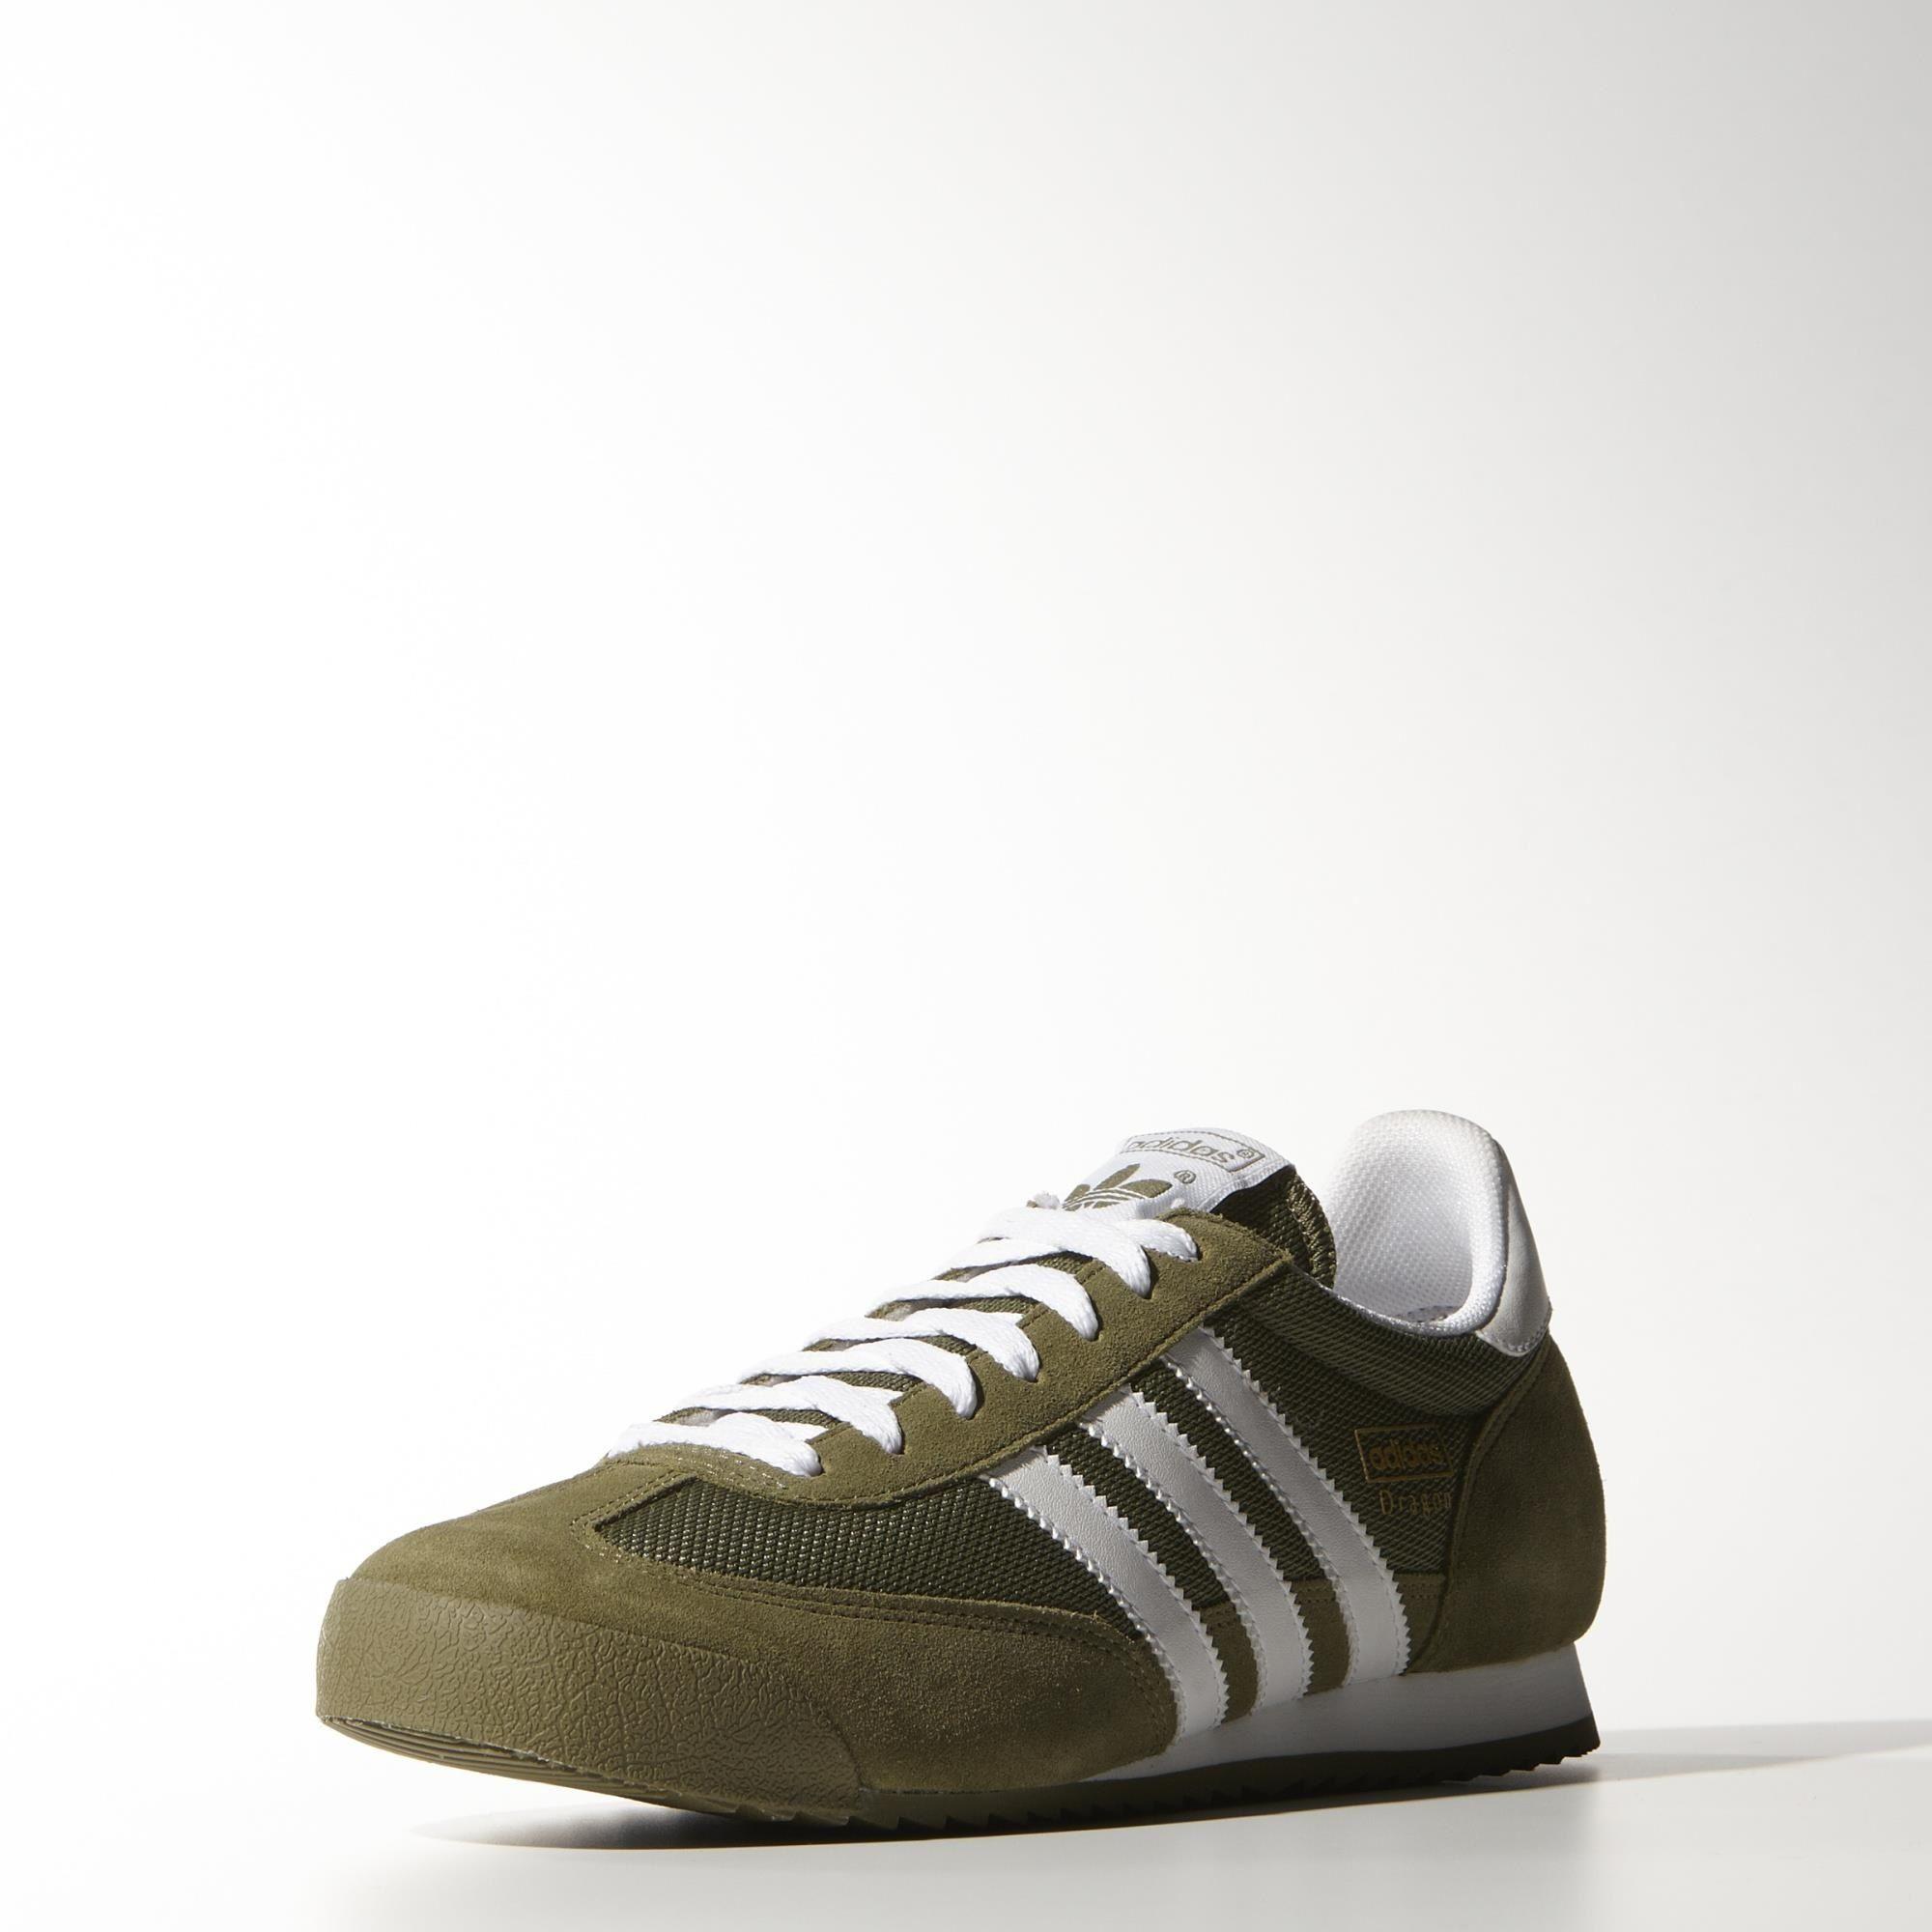 adidas Dragon Shoes - Olive Cargo | adidas UK